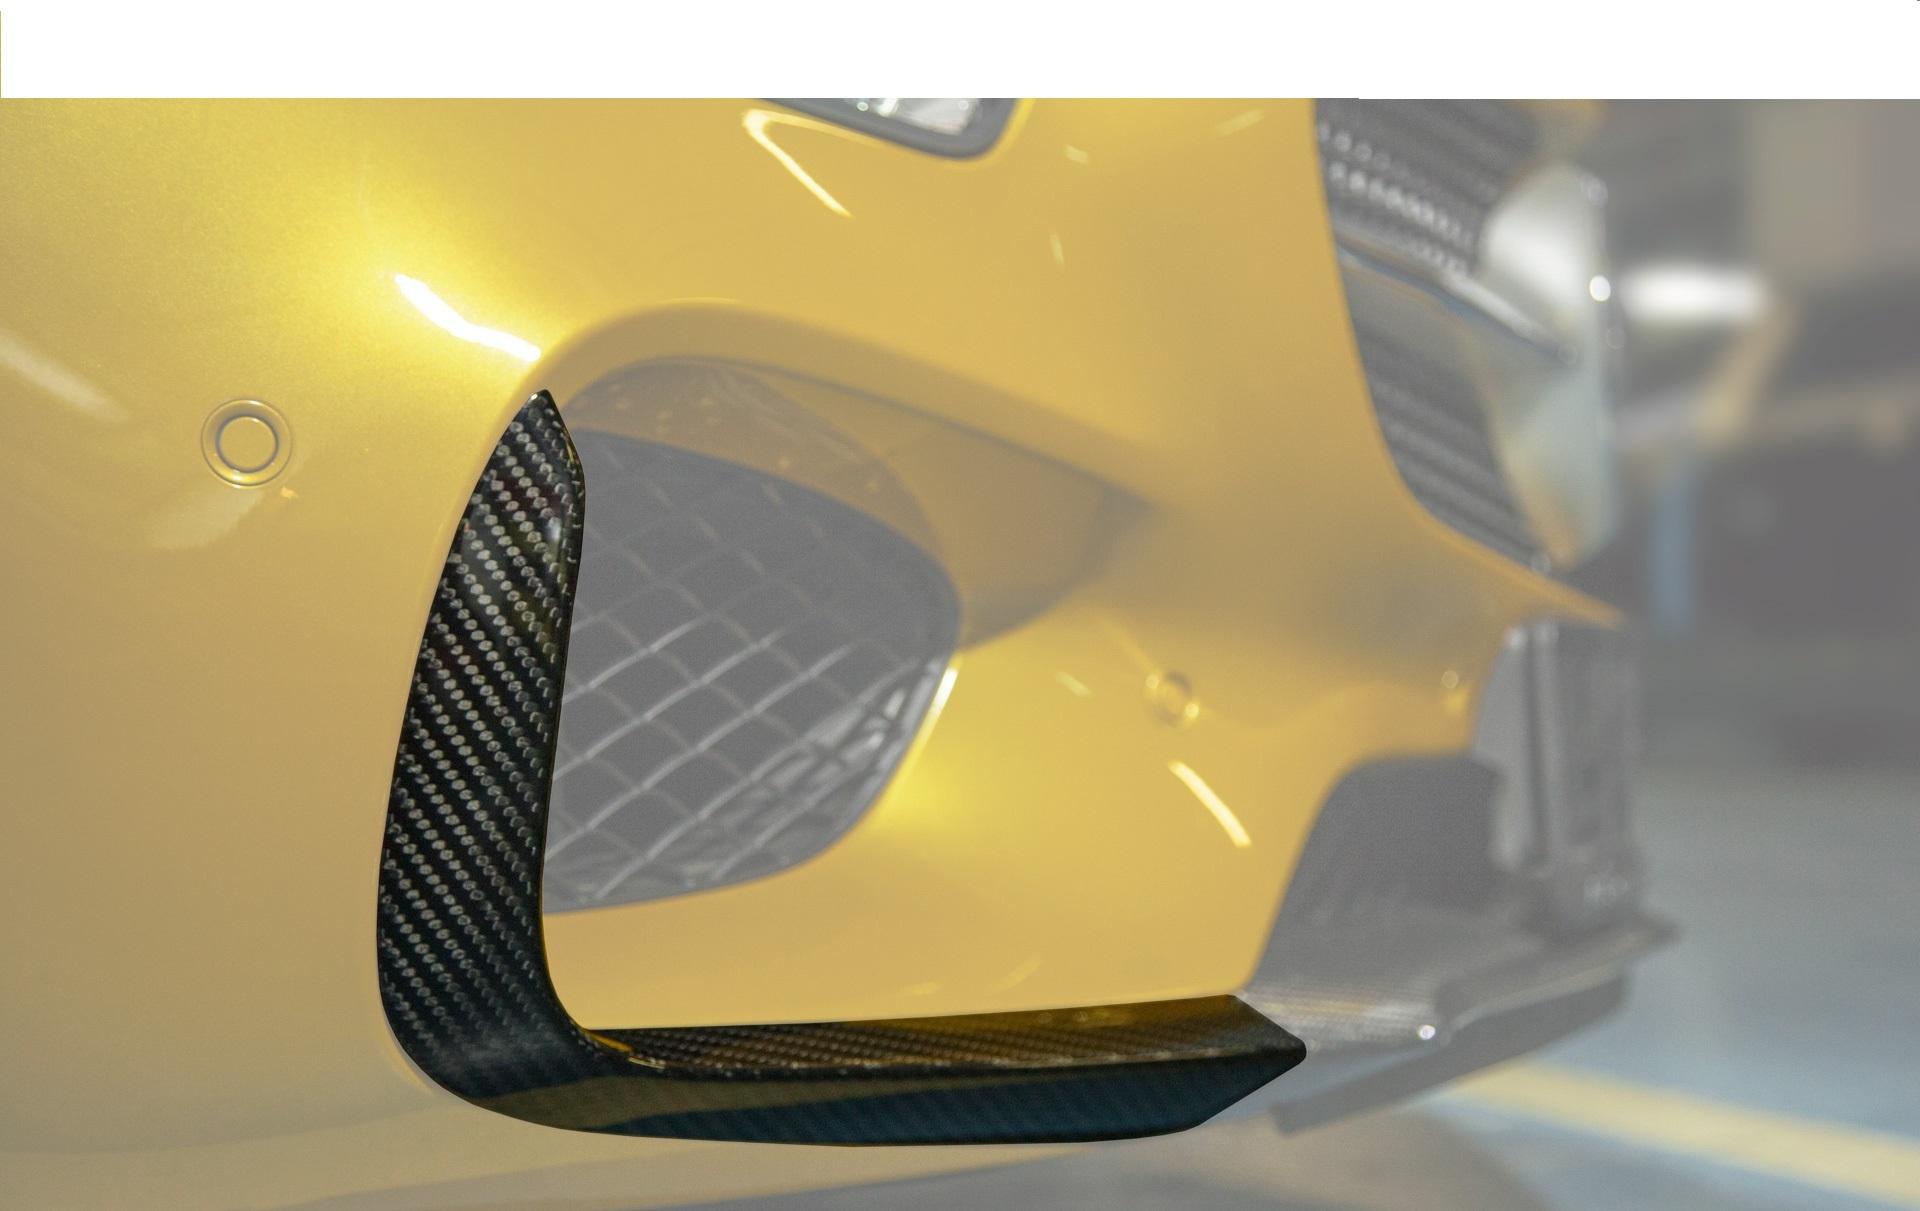 Карбоновые вставки в передние арки Edition 1 Style для Mercedes GT-class C190